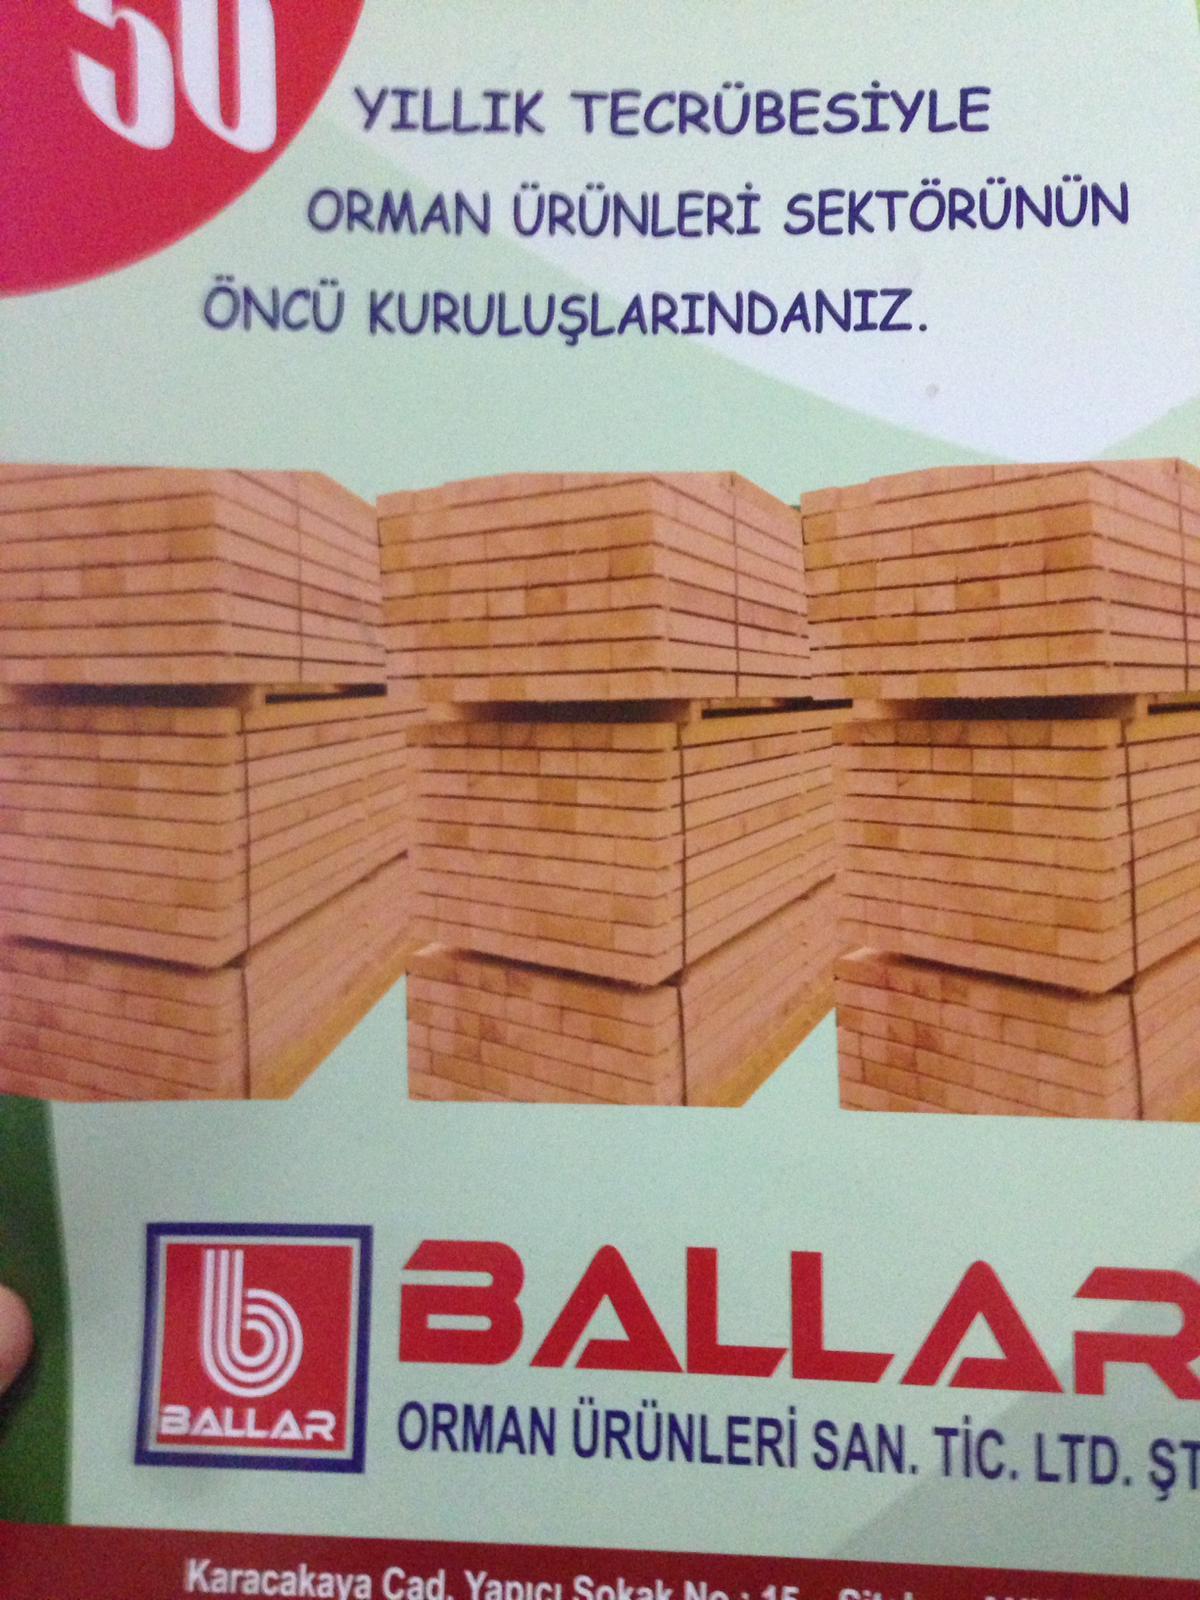 Ballar Orman Ürünleri